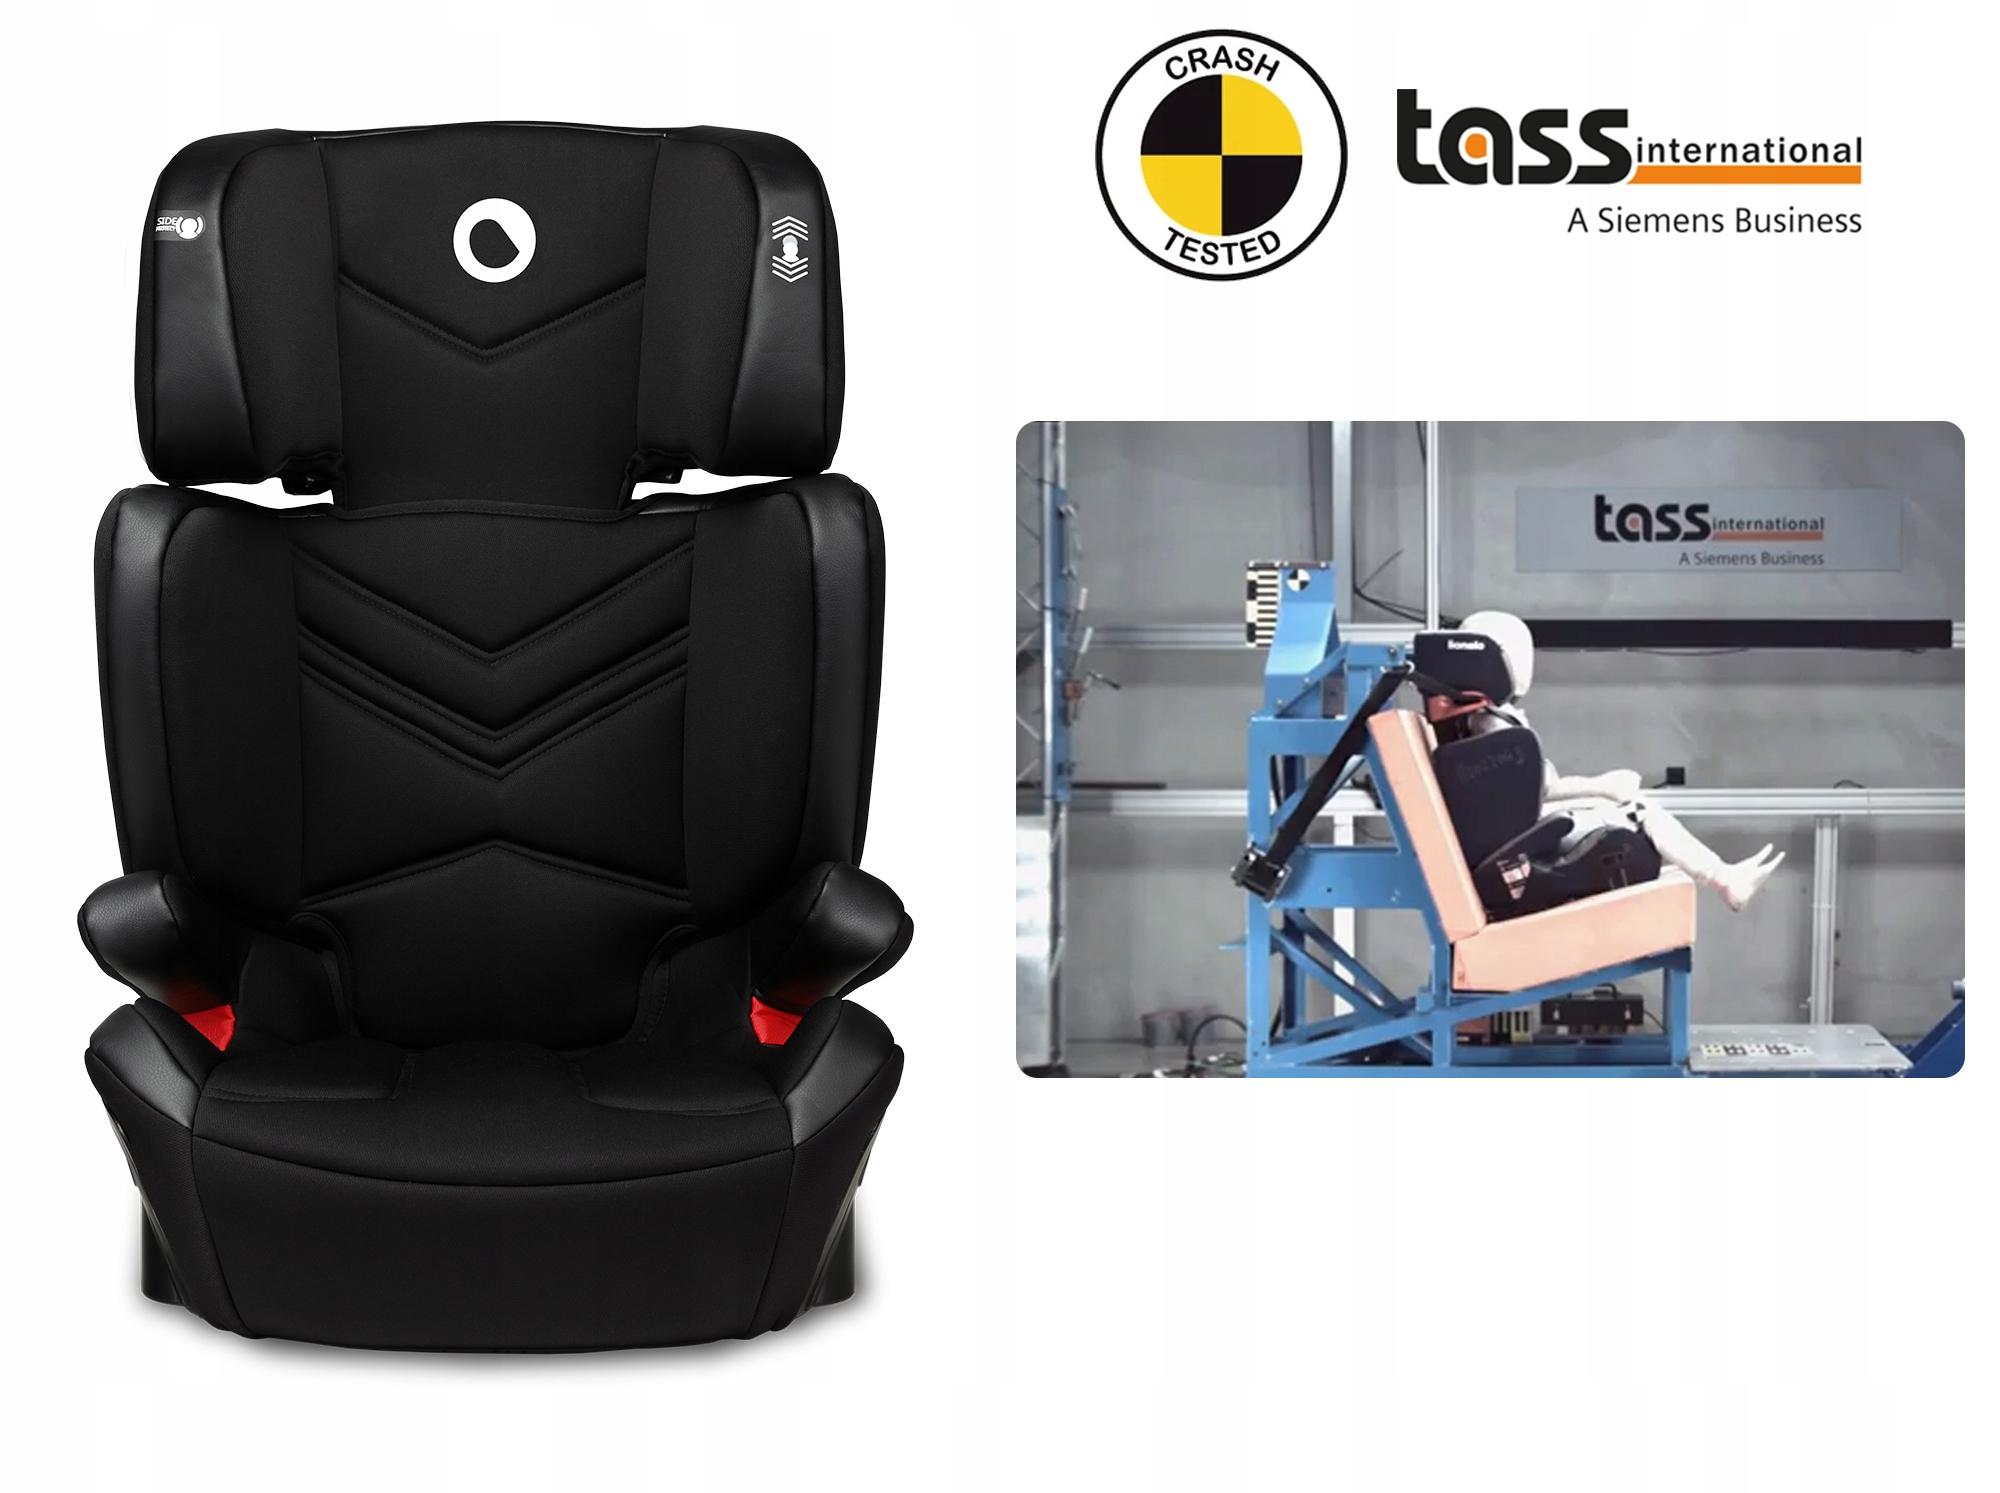 Fotelik-samochodowy-Lionelo-HUGO-ISOFIX-15-36-kg-Kolor-czern